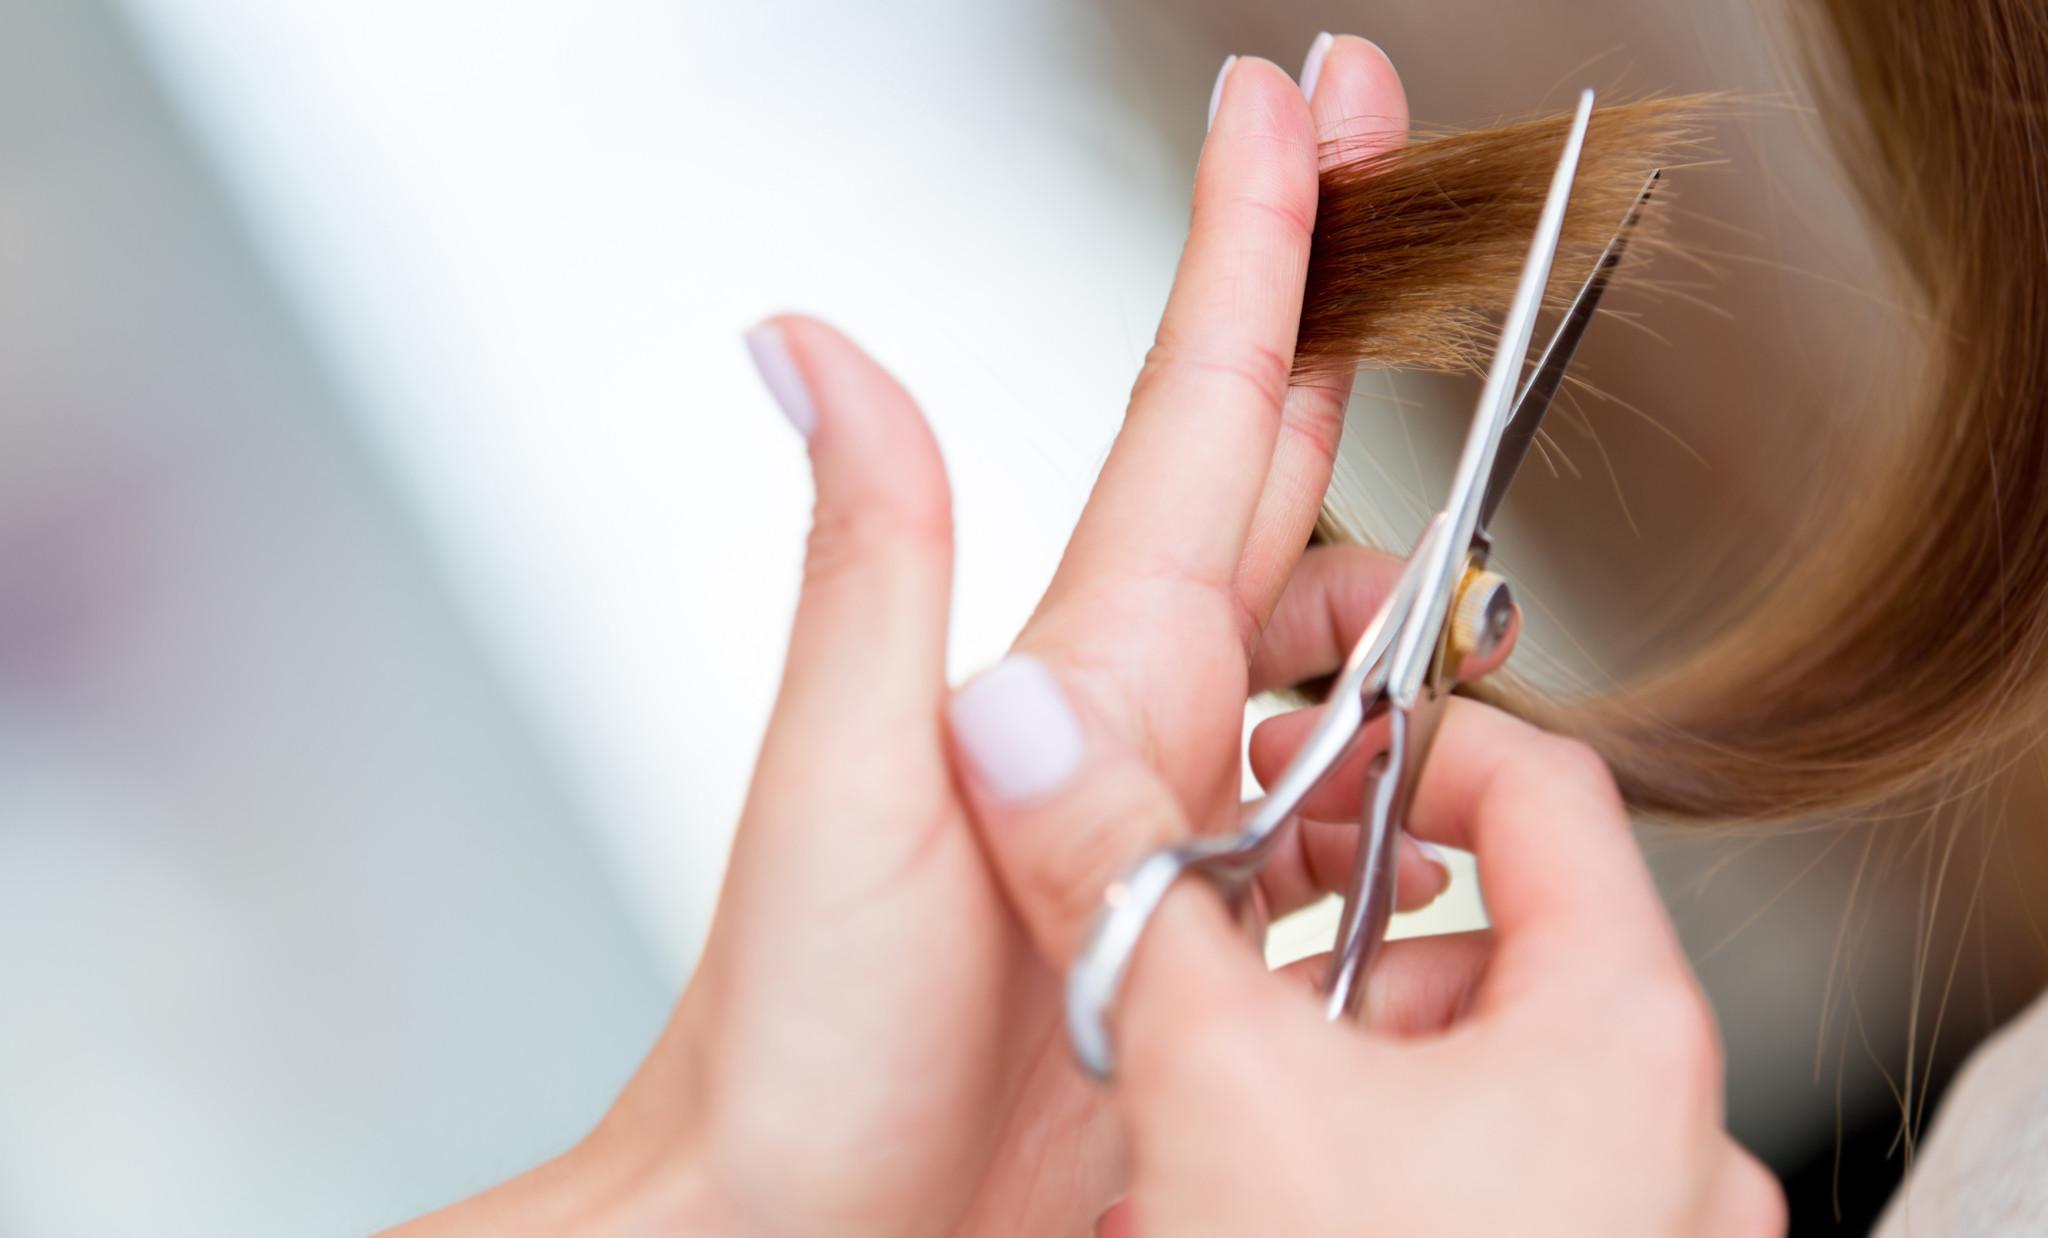 فوائد قص الشعر ونصائح تساعد في تقوية الشعر